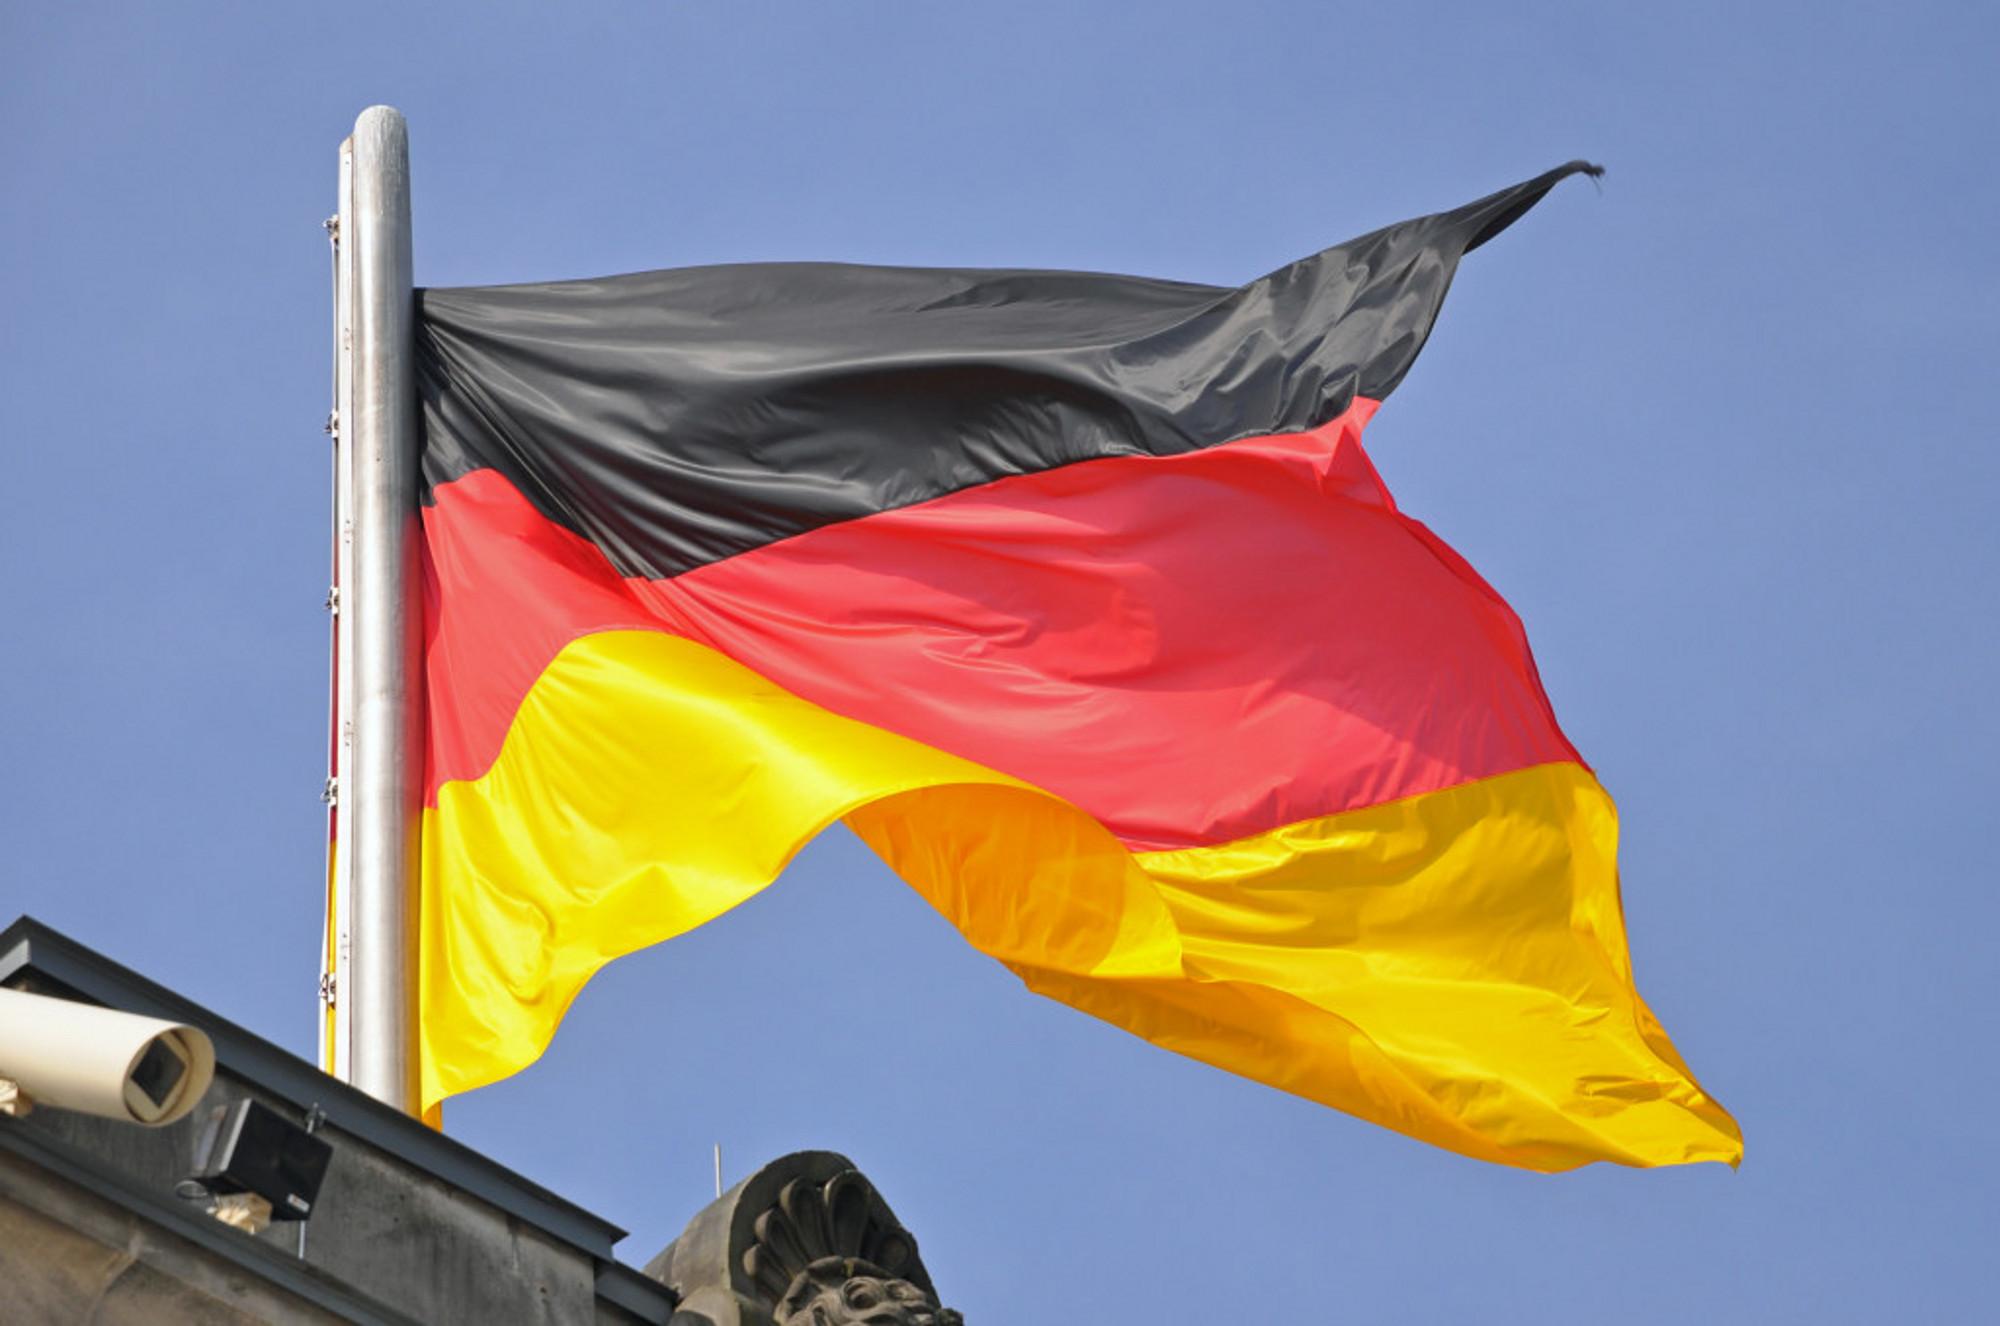 Αλλάζει το Πολιτικό Σκηνικό της Γερμανίας;